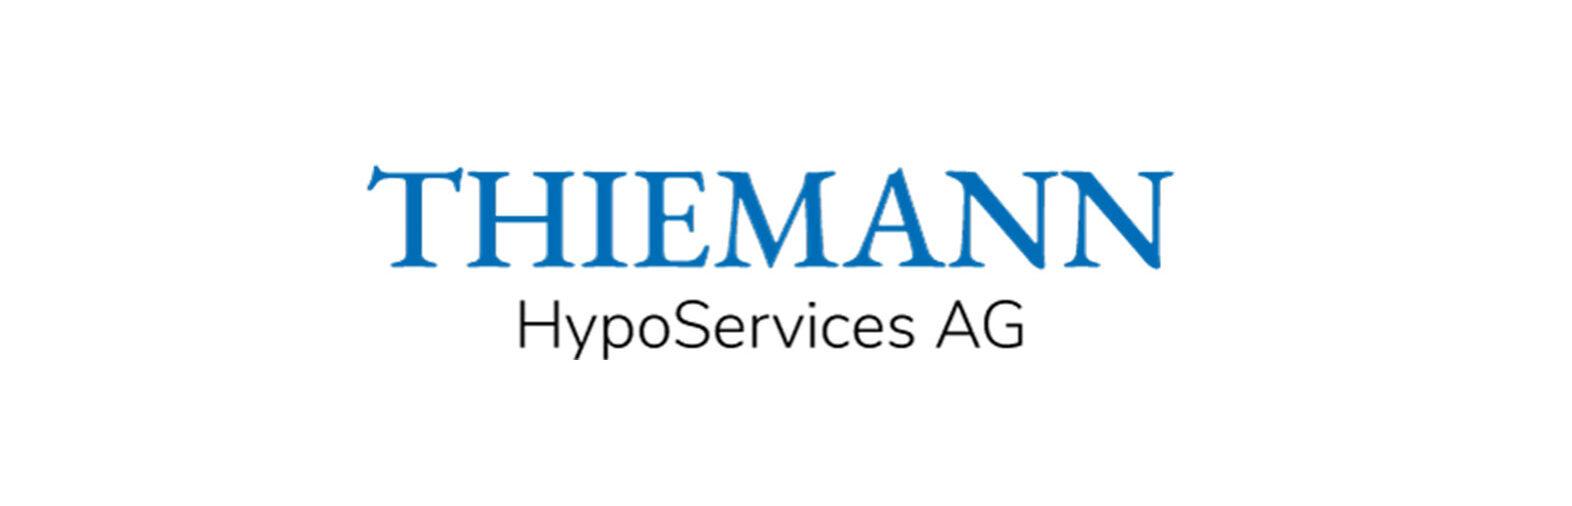 Thiemann HypoServices AG | Neues Logo